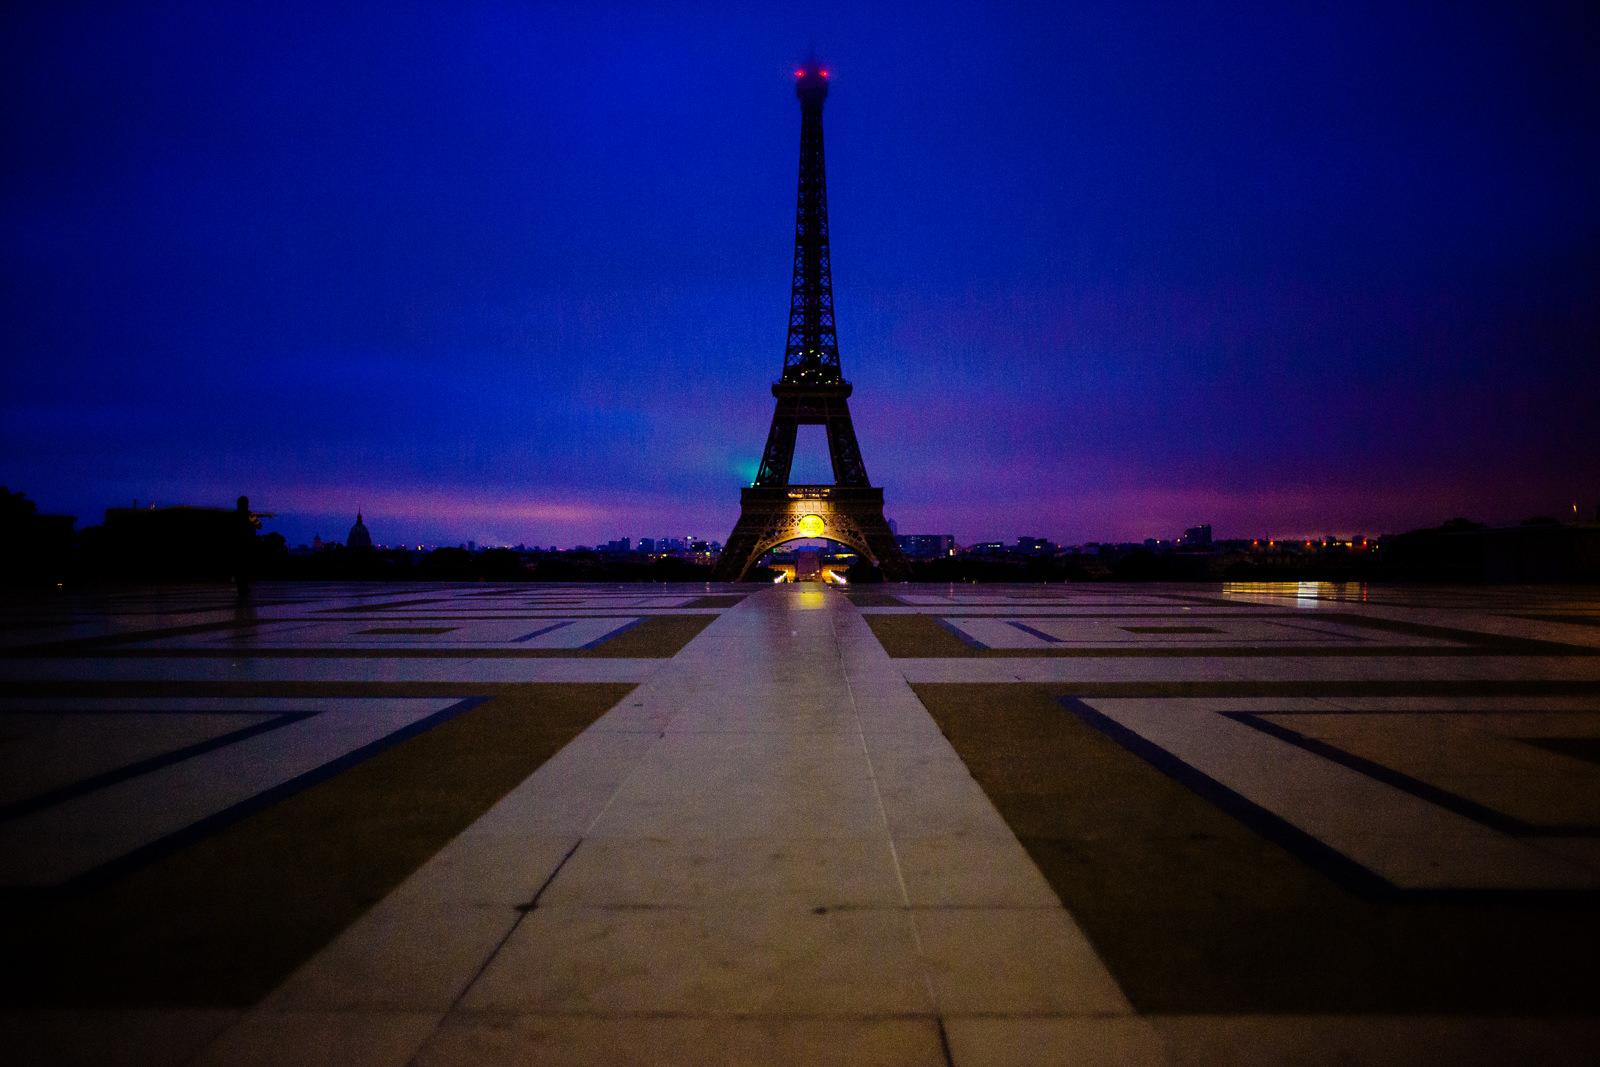 Sonnenaufgang bei einer freien Trauung von Trautante Friederike Delong auf einer Hochzeit am Eiffelturm in Paris fotografiert von Hochzeitsfotograf Steven Herrschaft aus Wiesbaden